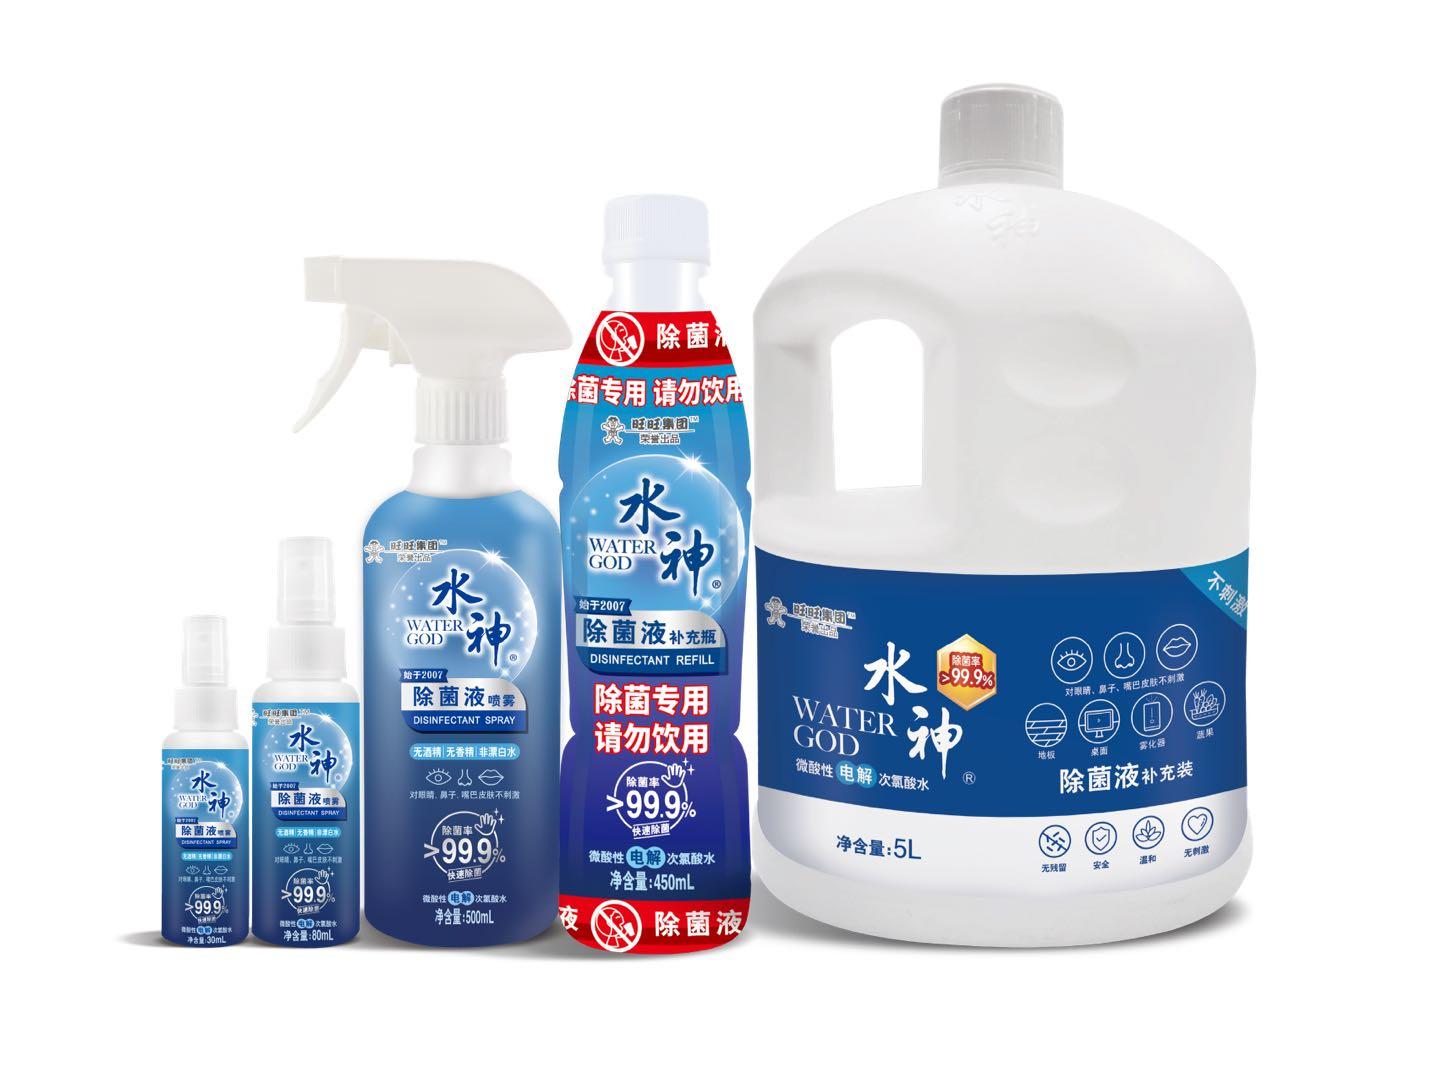 酸性电解水生成器国家标准颁布,旺旺水神完全符合国标